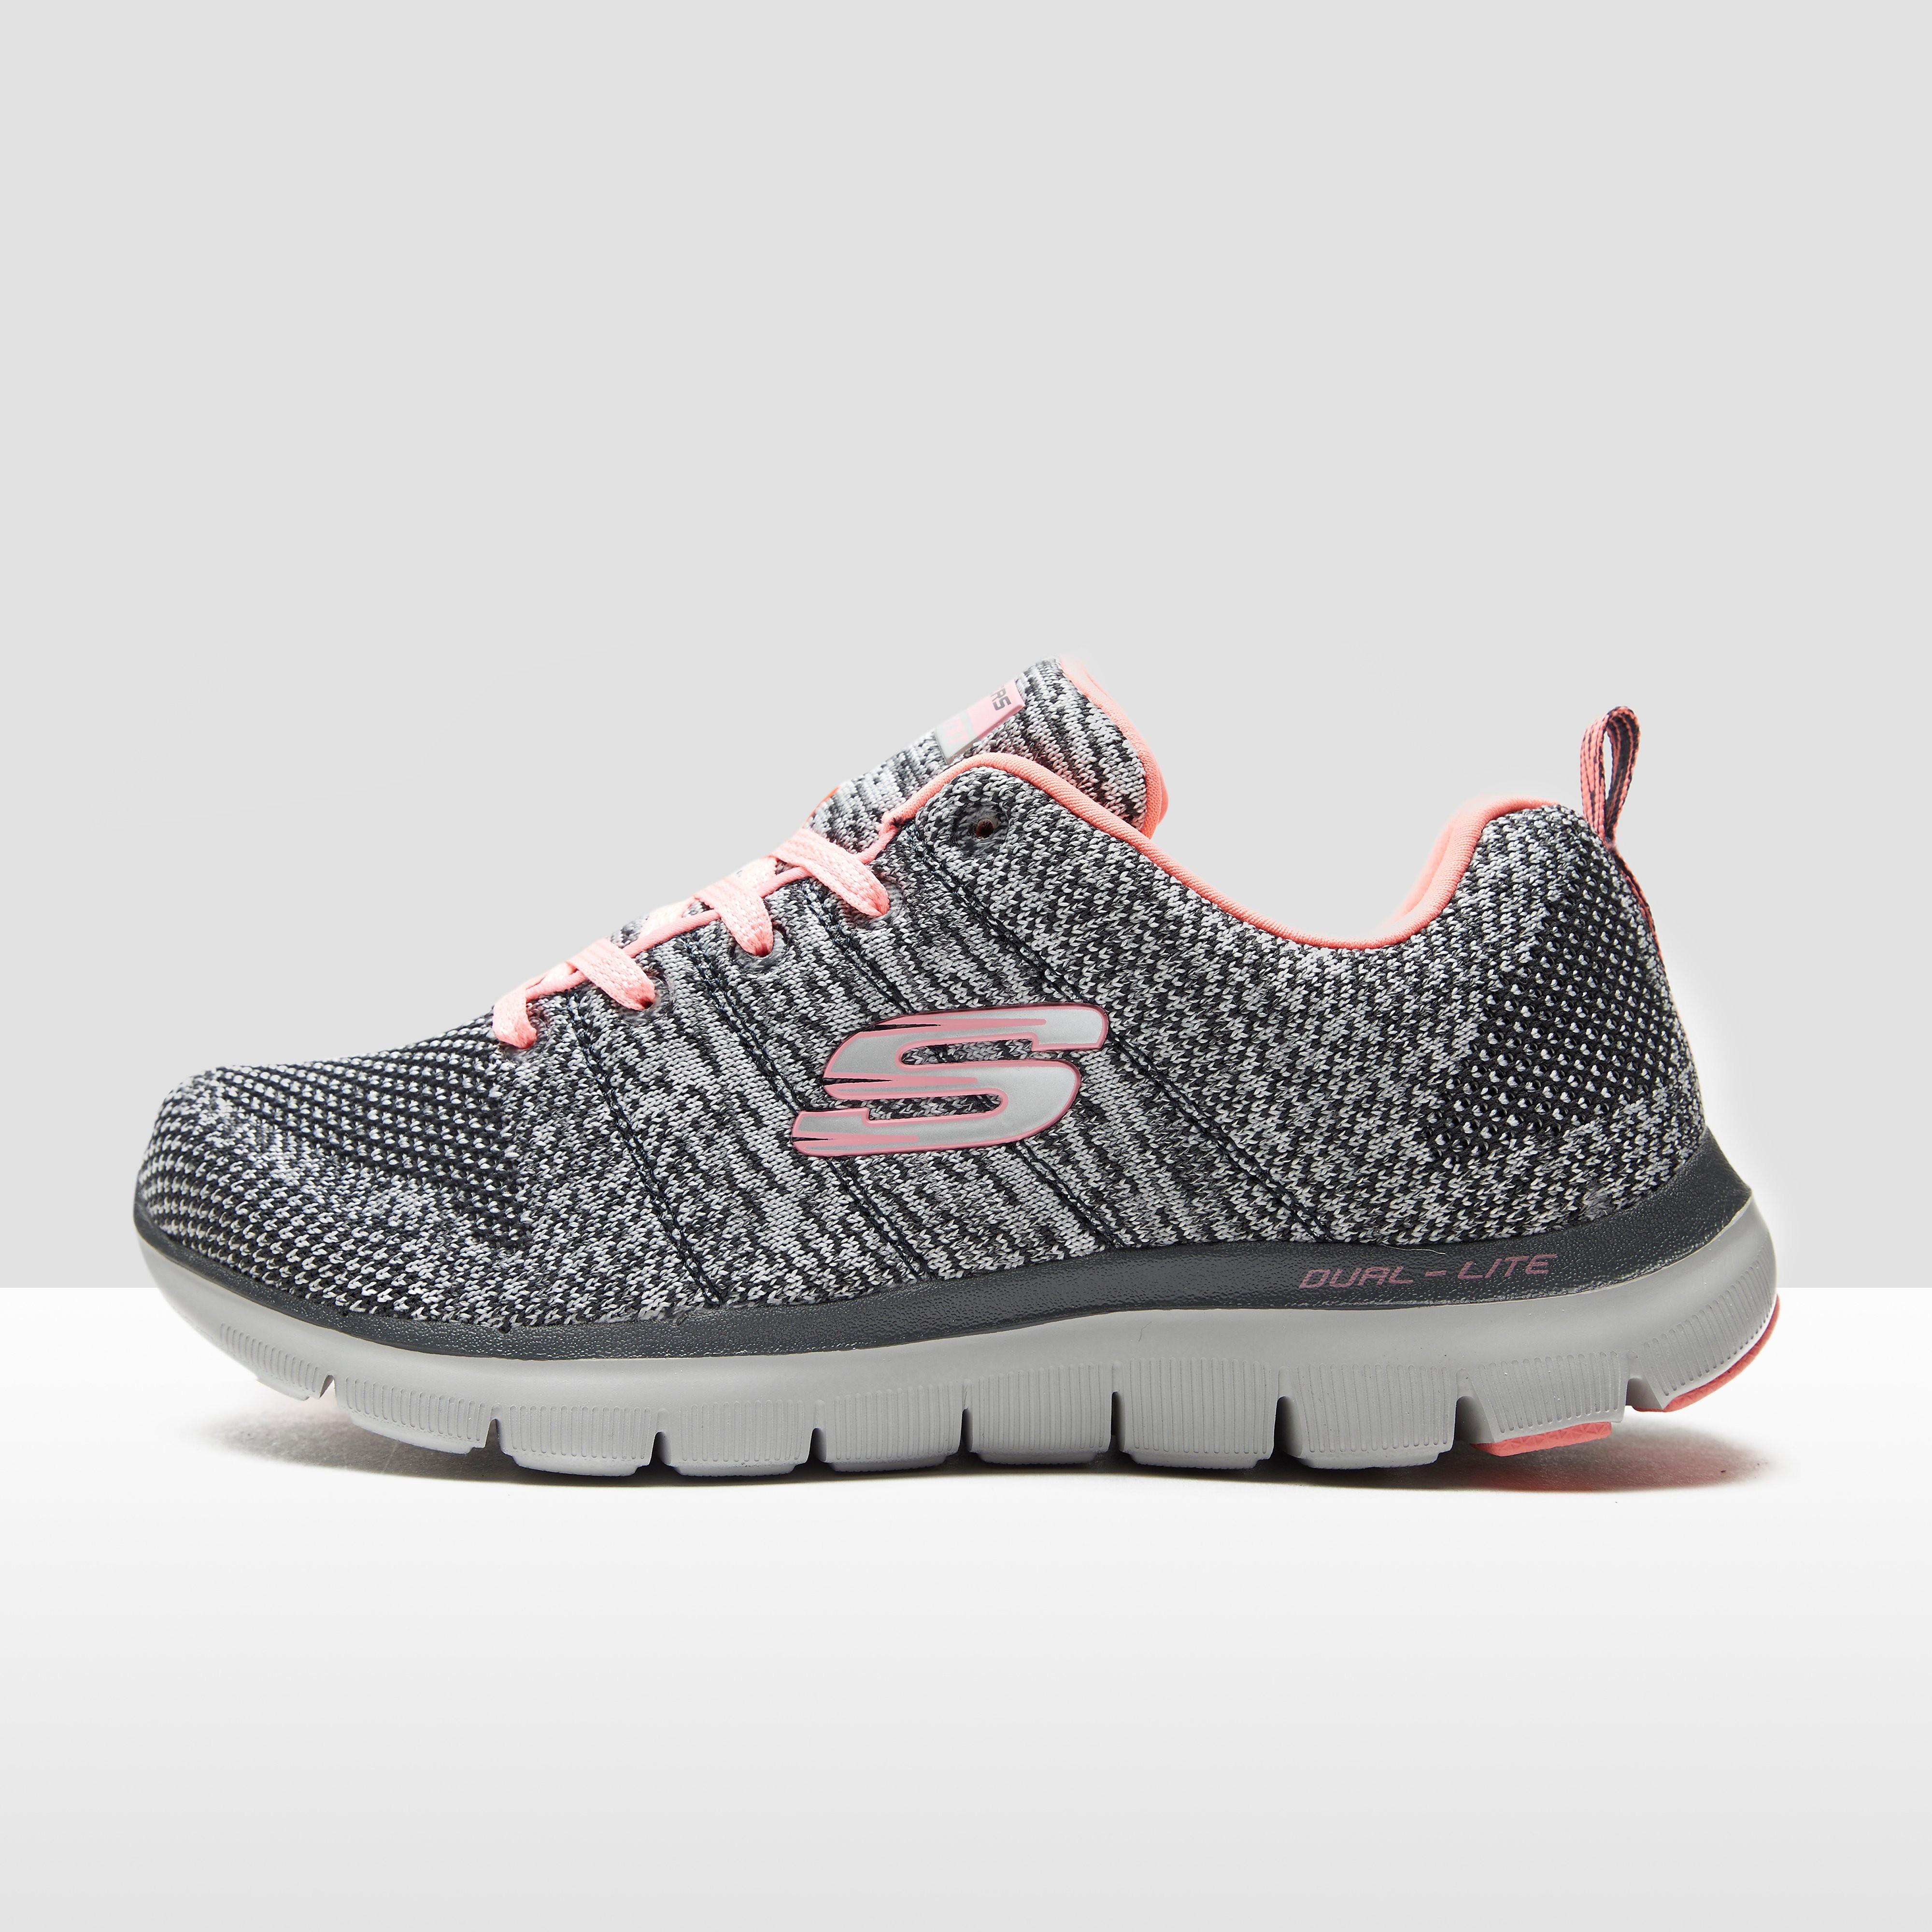 Skechers Flex Appeal 2.0 Women's Training Shoes